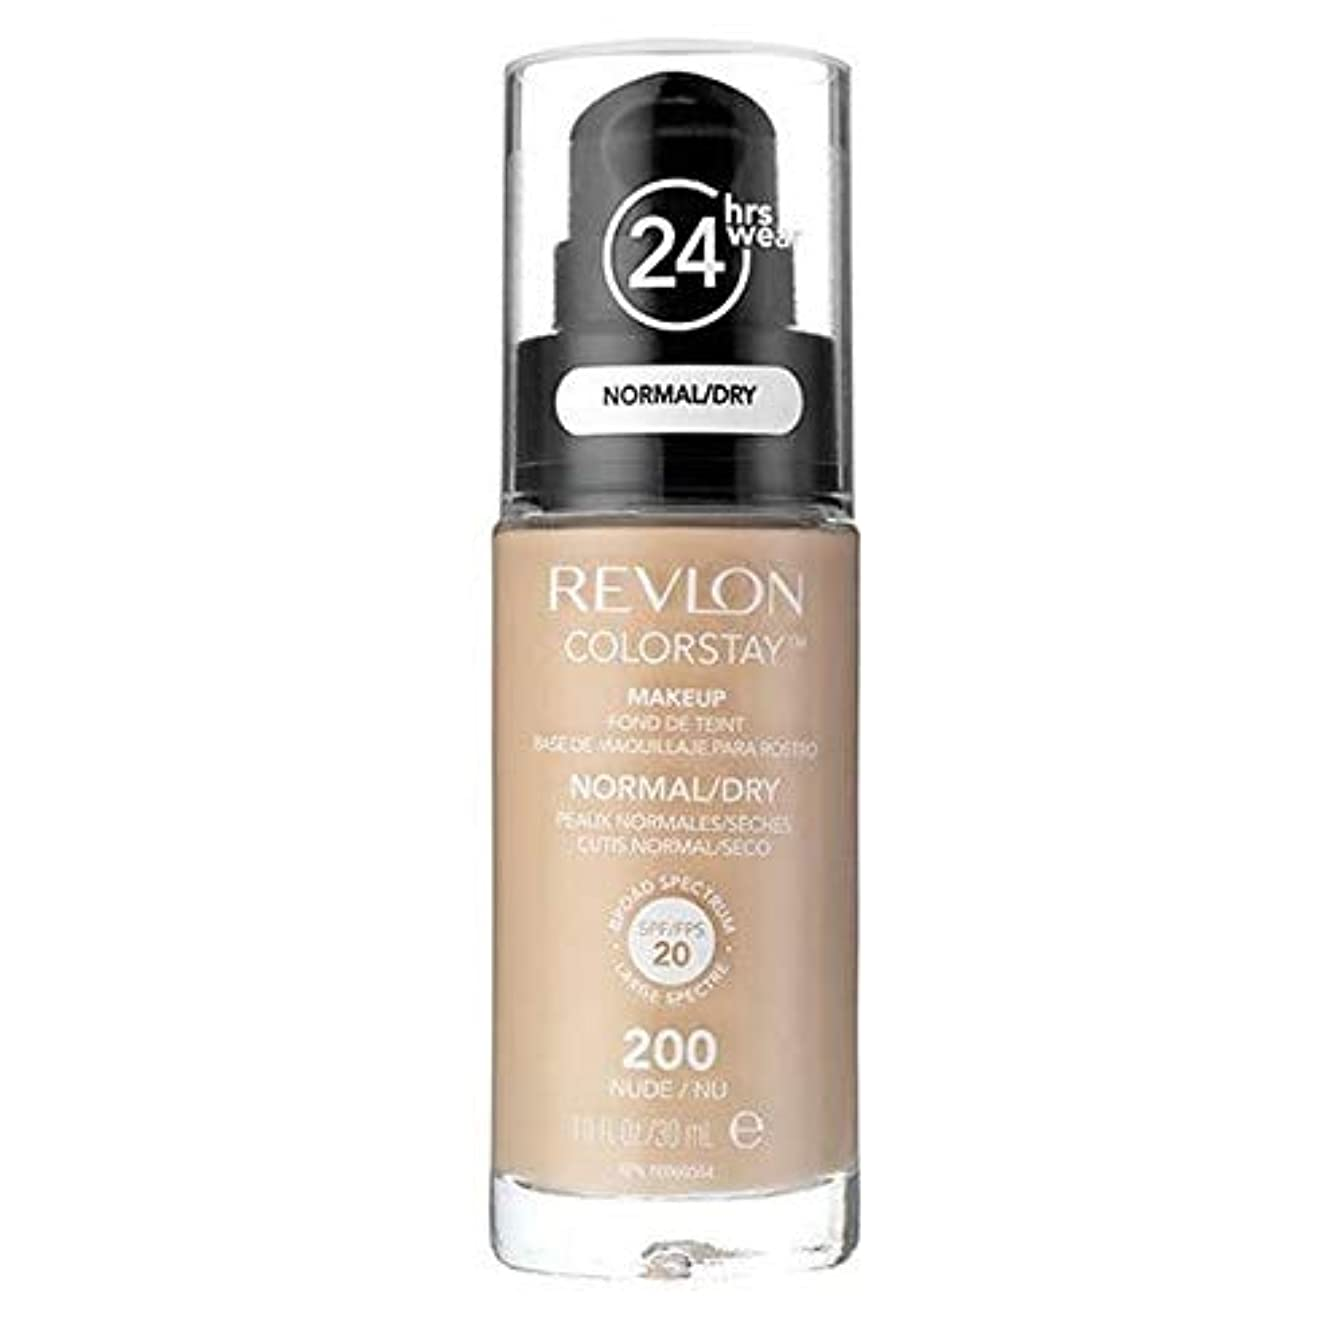 抑制絶えずこっそり[Revlon ] レブロンカラーステイ基盤ノルム/ドライヌード30ミリリットル - Revlon Color Stay Foundation Norm/Dry Nude 30ml [並行輸入品]